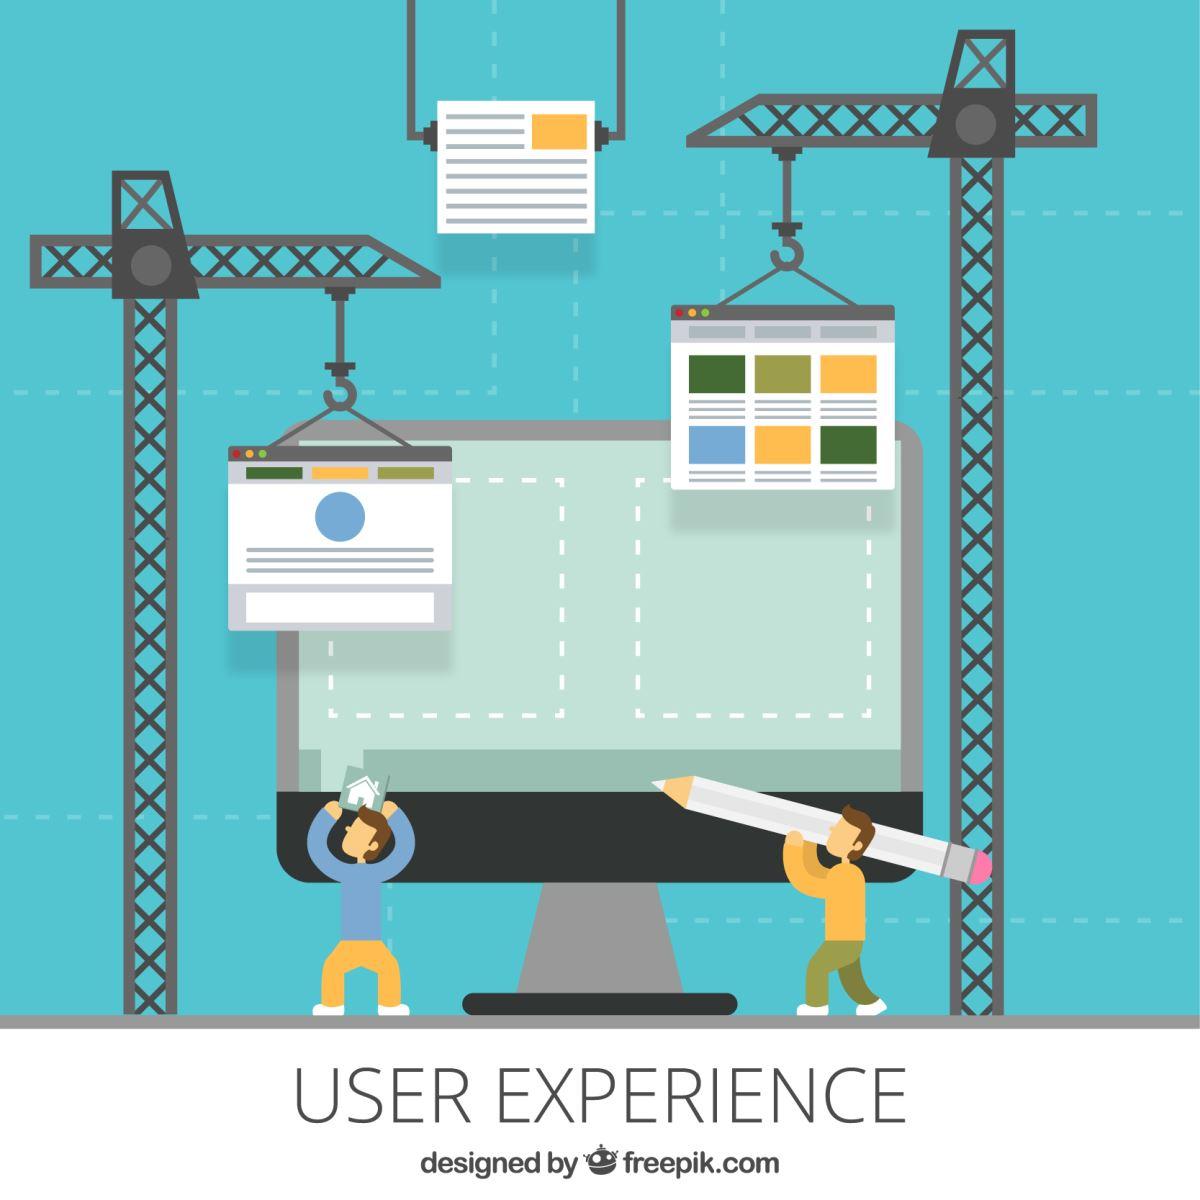 En Nubulus creiem que l'experiència de l'usuari és el més important, ja que un lloc web ha de deixar-se llegir